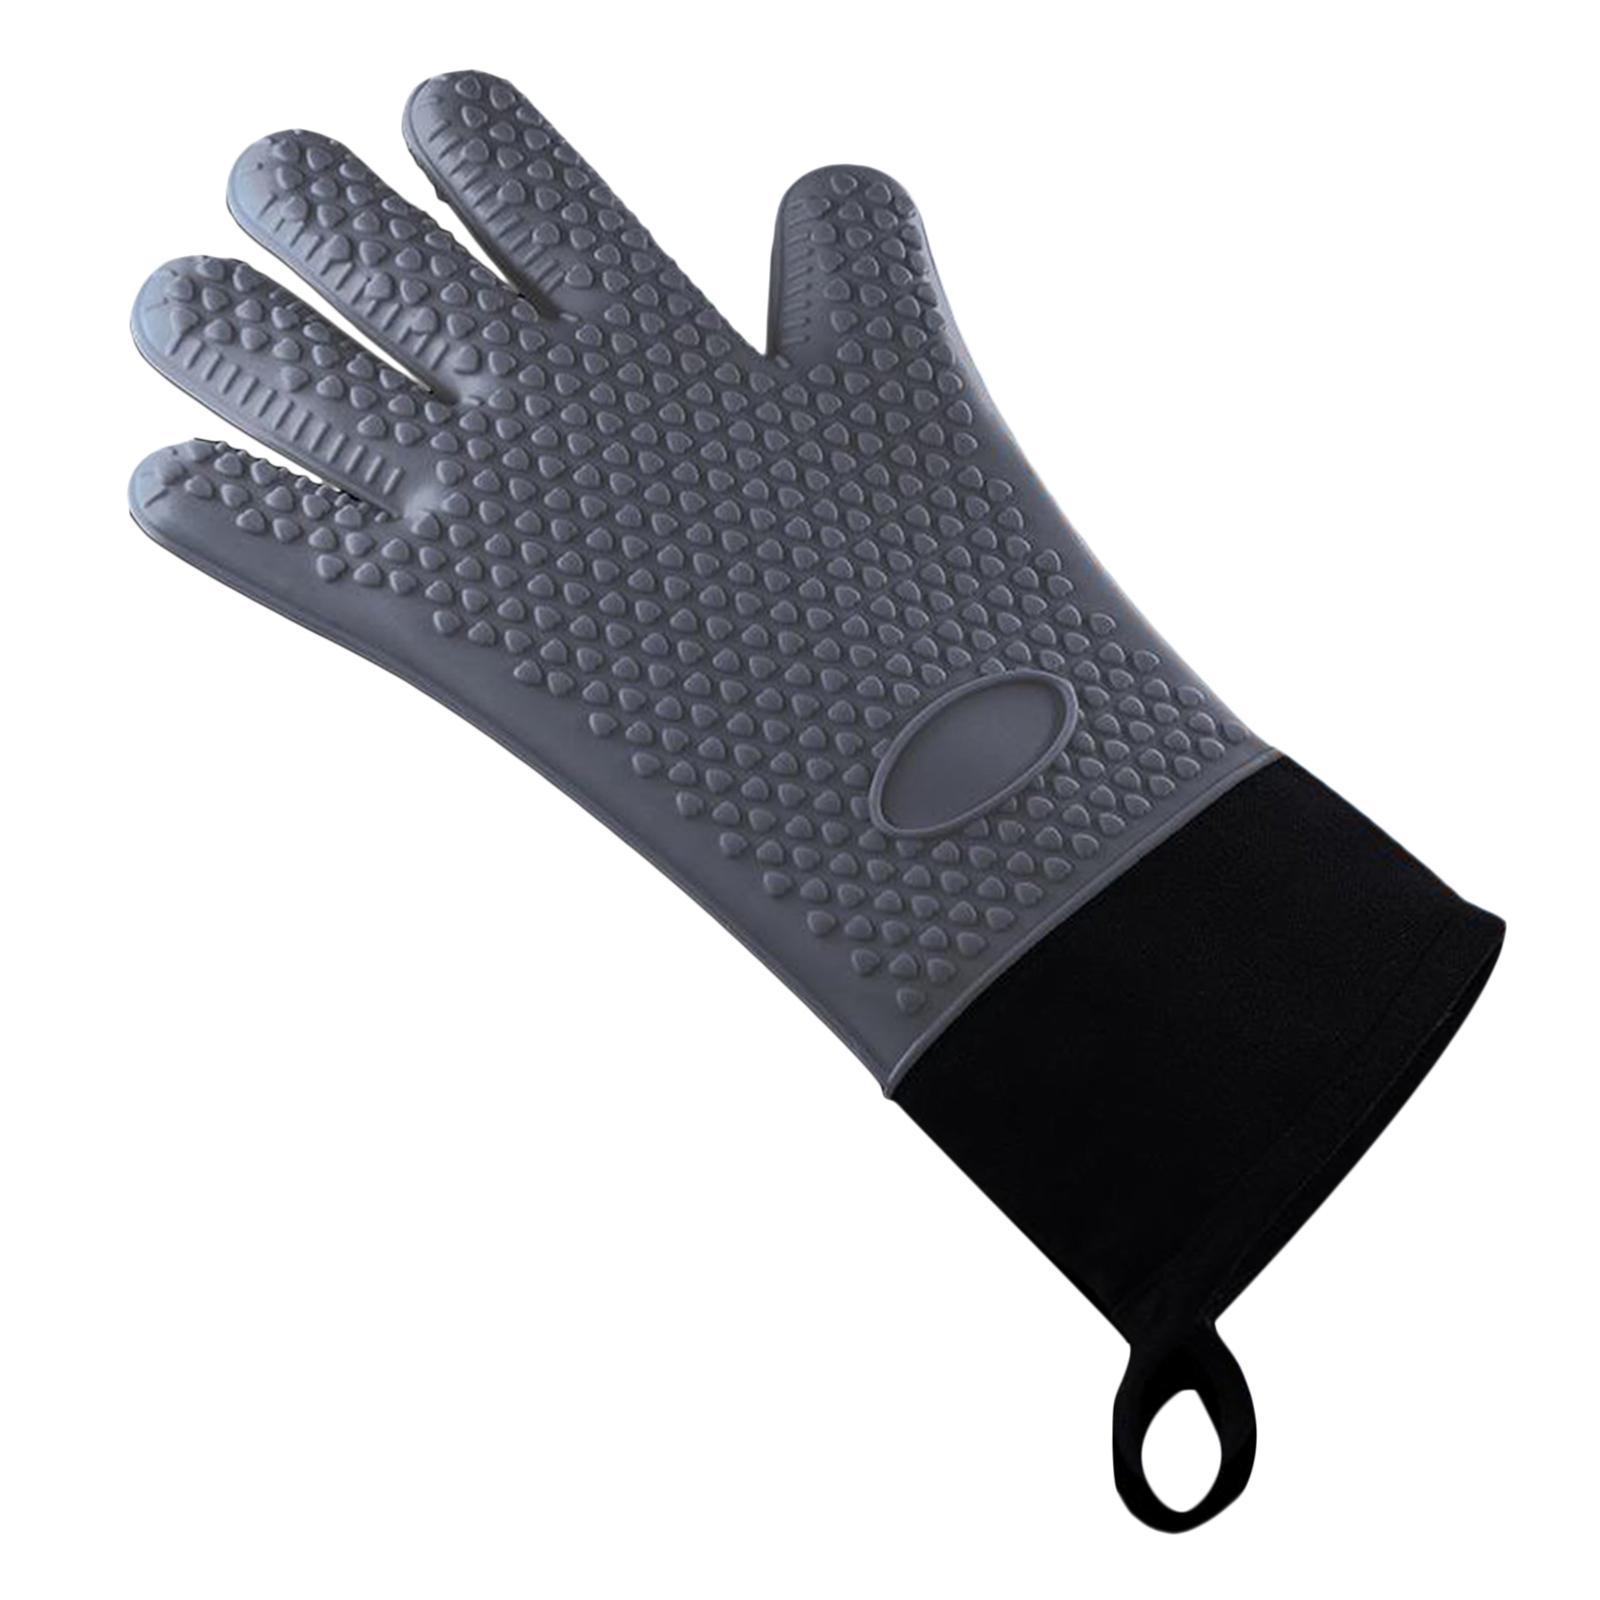 Guantes-para-horno-de-cocina-con-aislamiento-de-silicona-antideslizantes-guantes miniatura 7